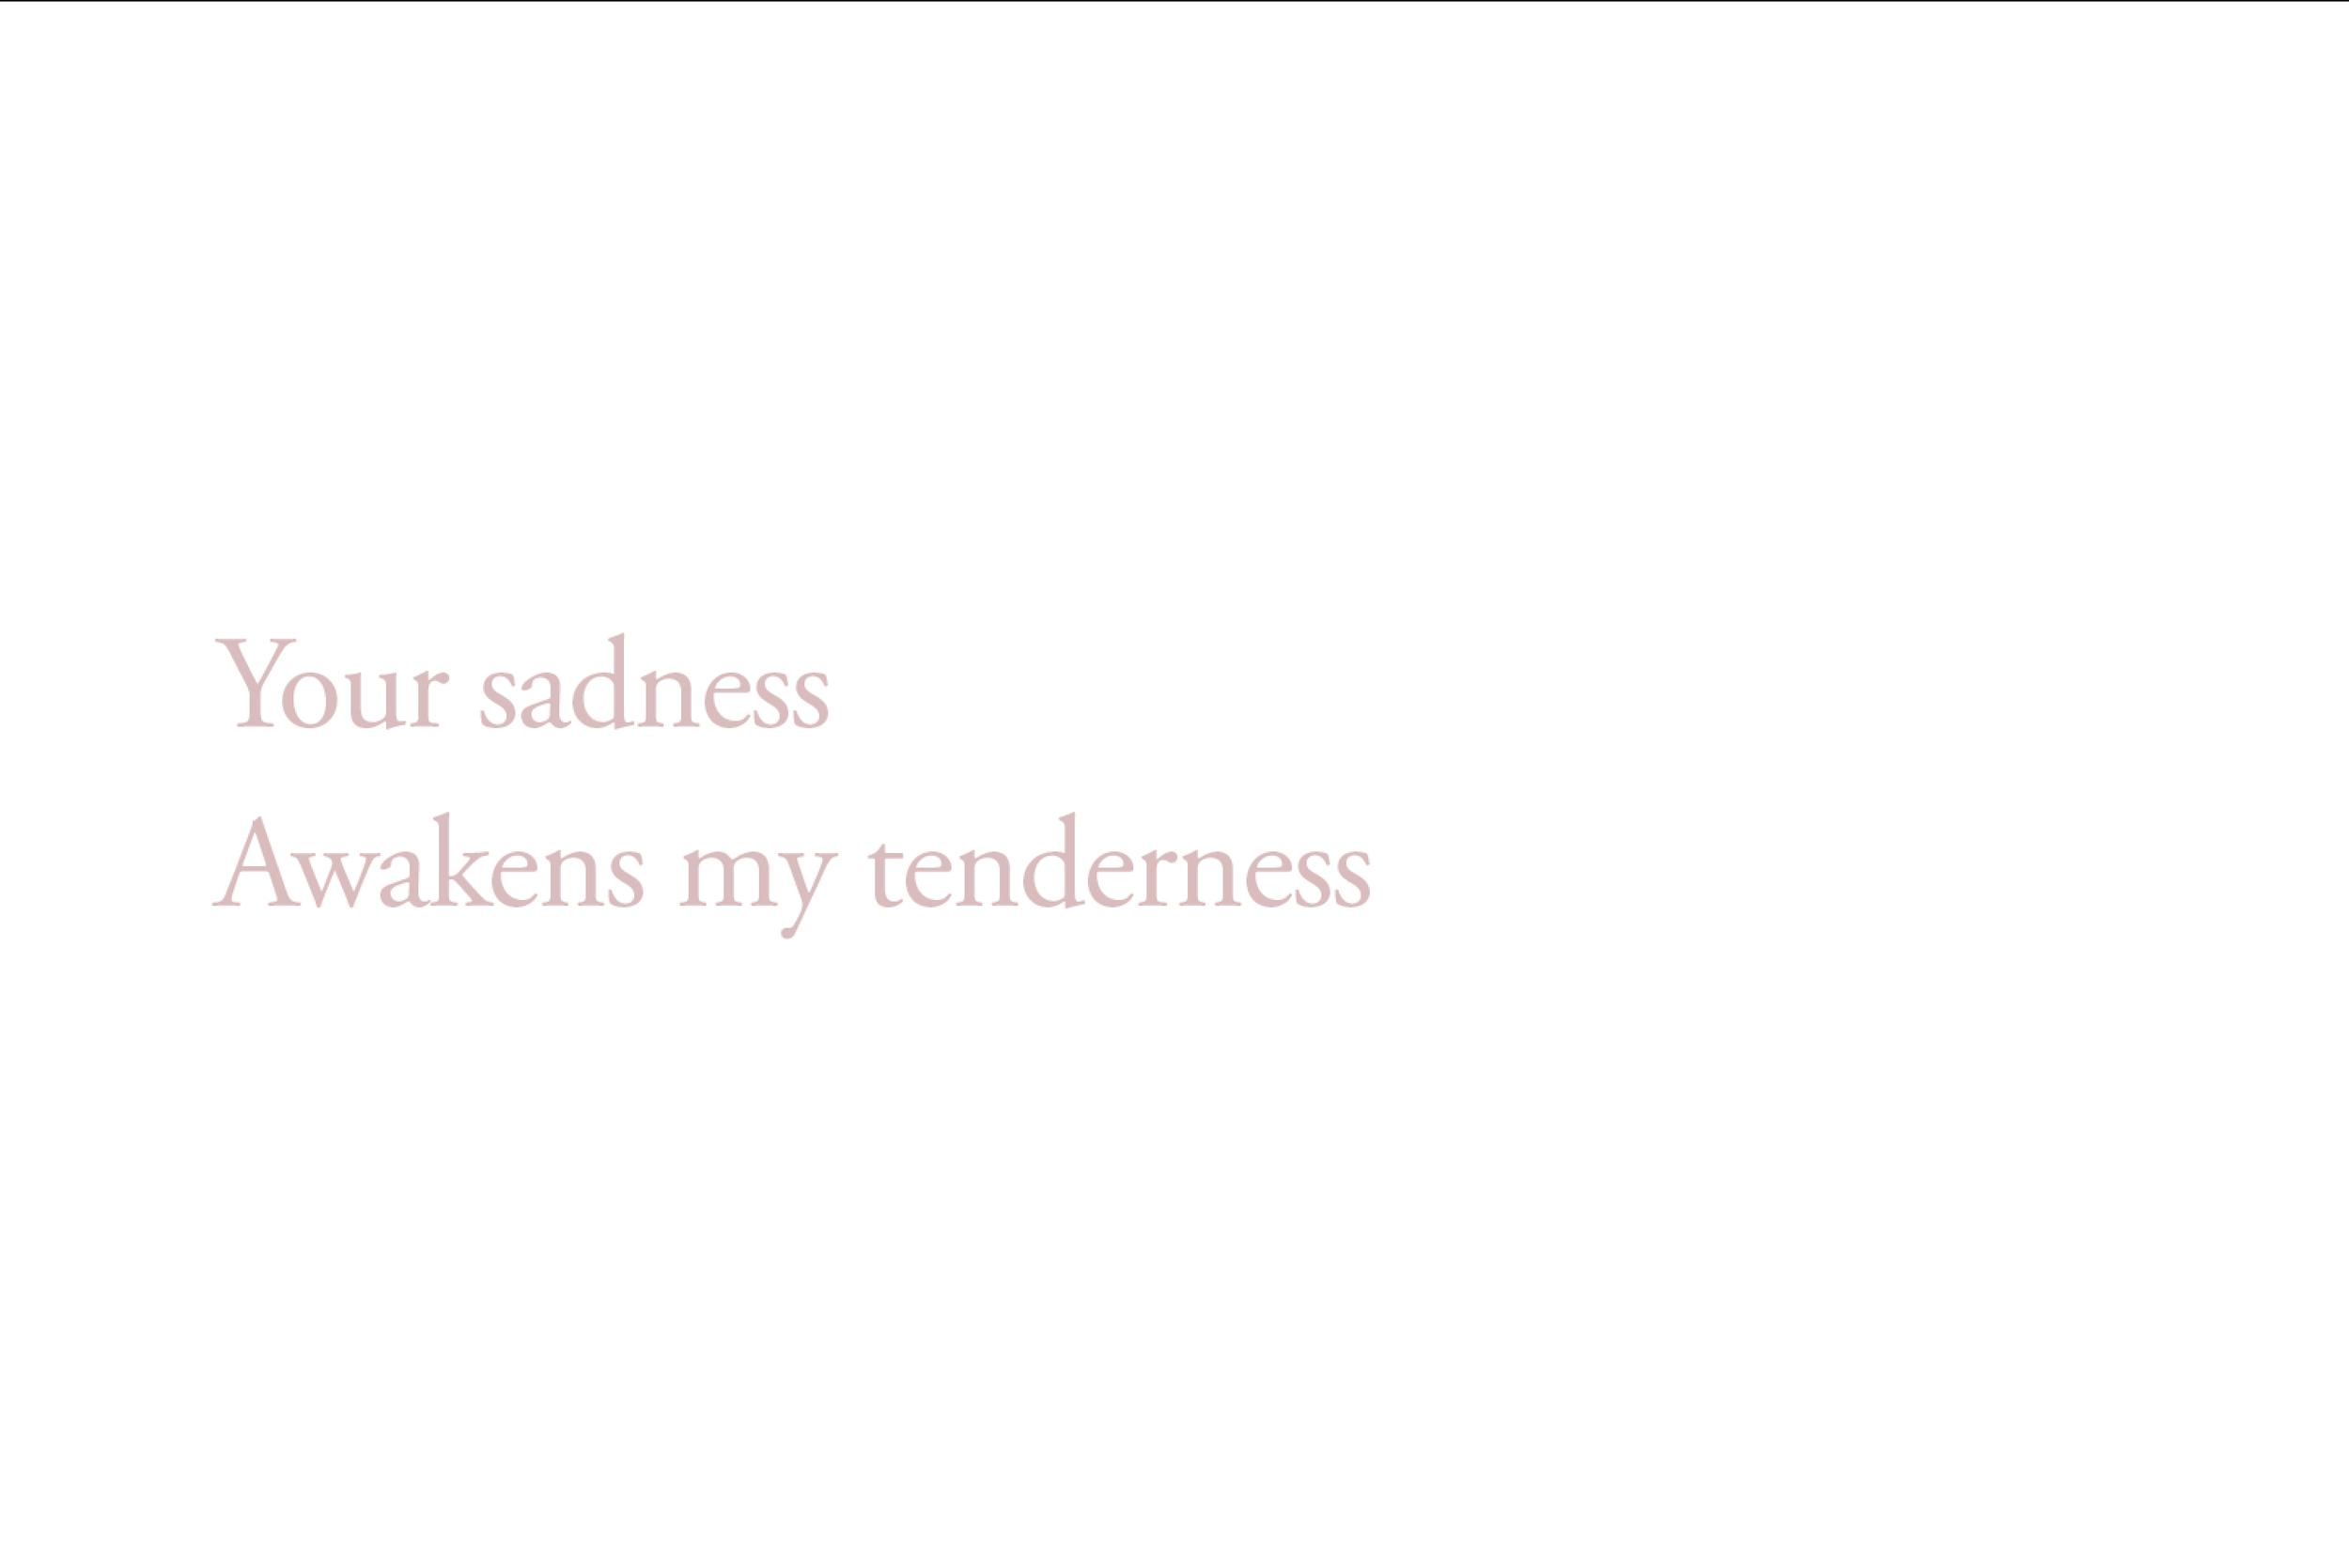 Your sadness.jpg